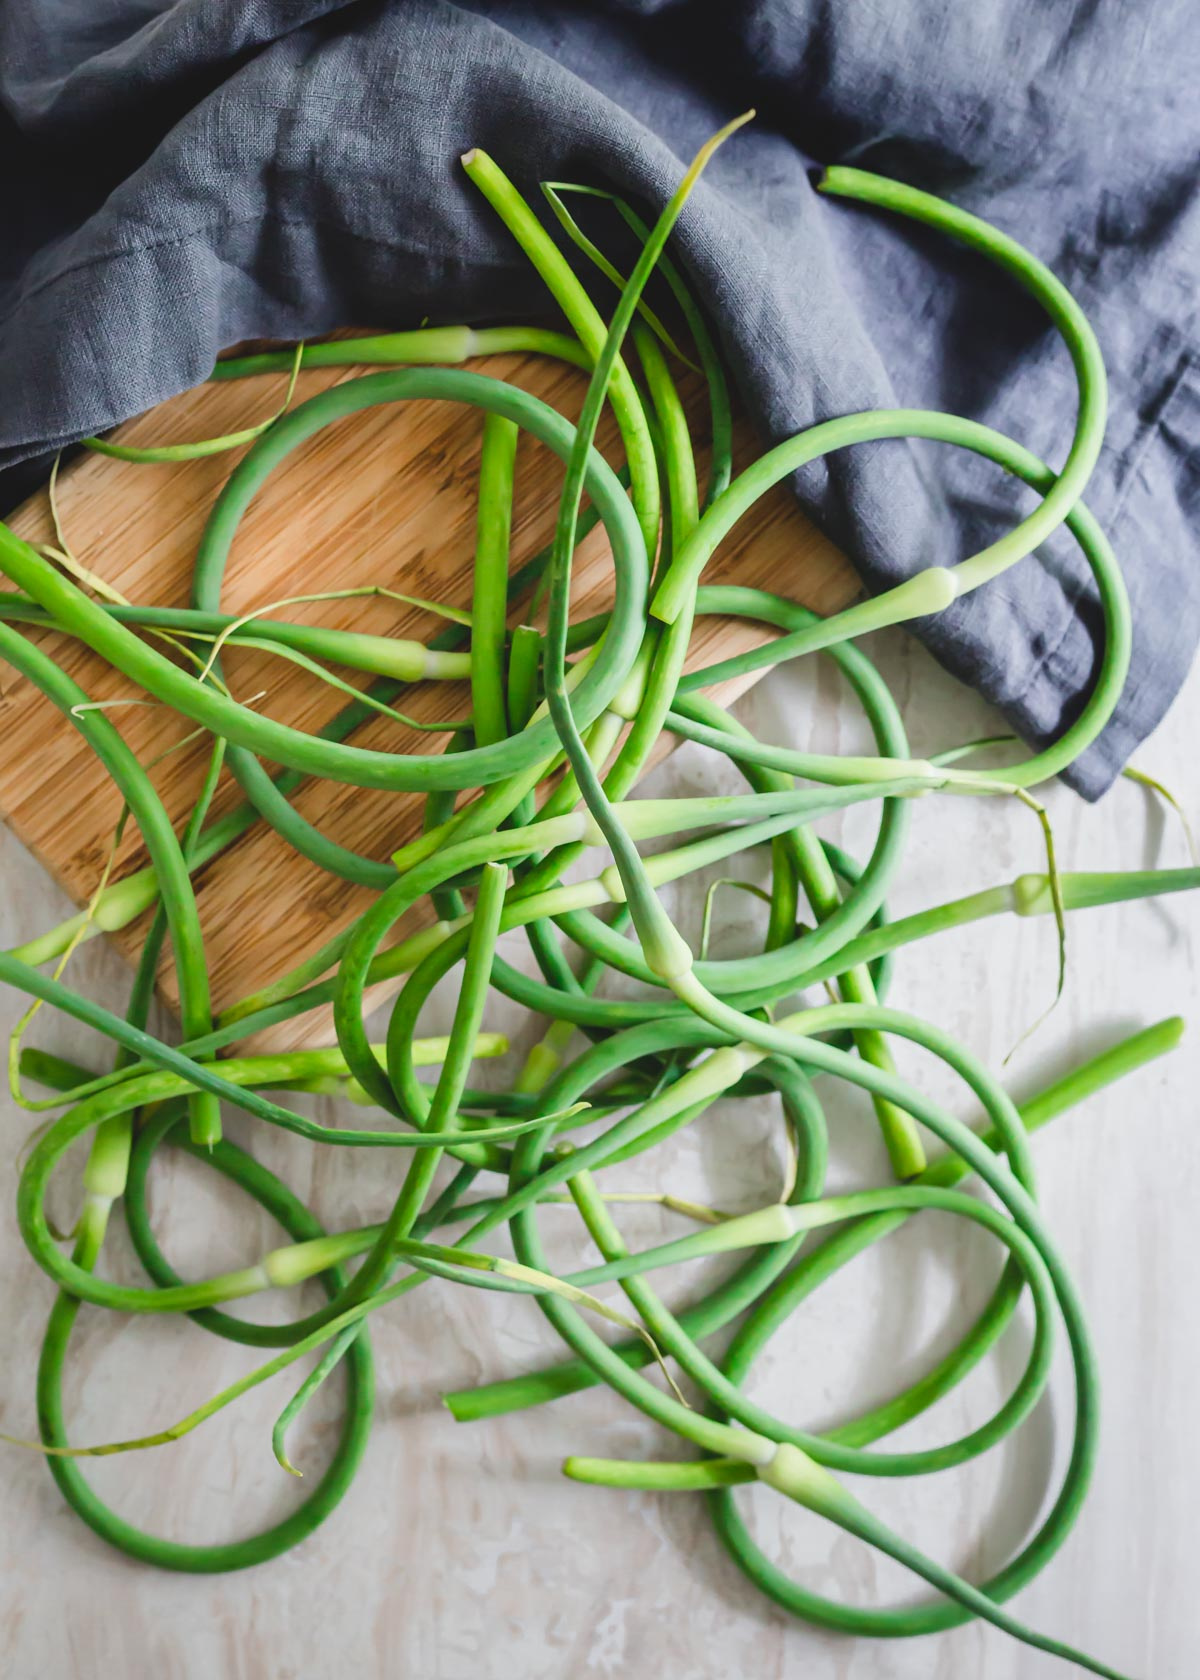 Fresh garlic scapes on a cutting board.